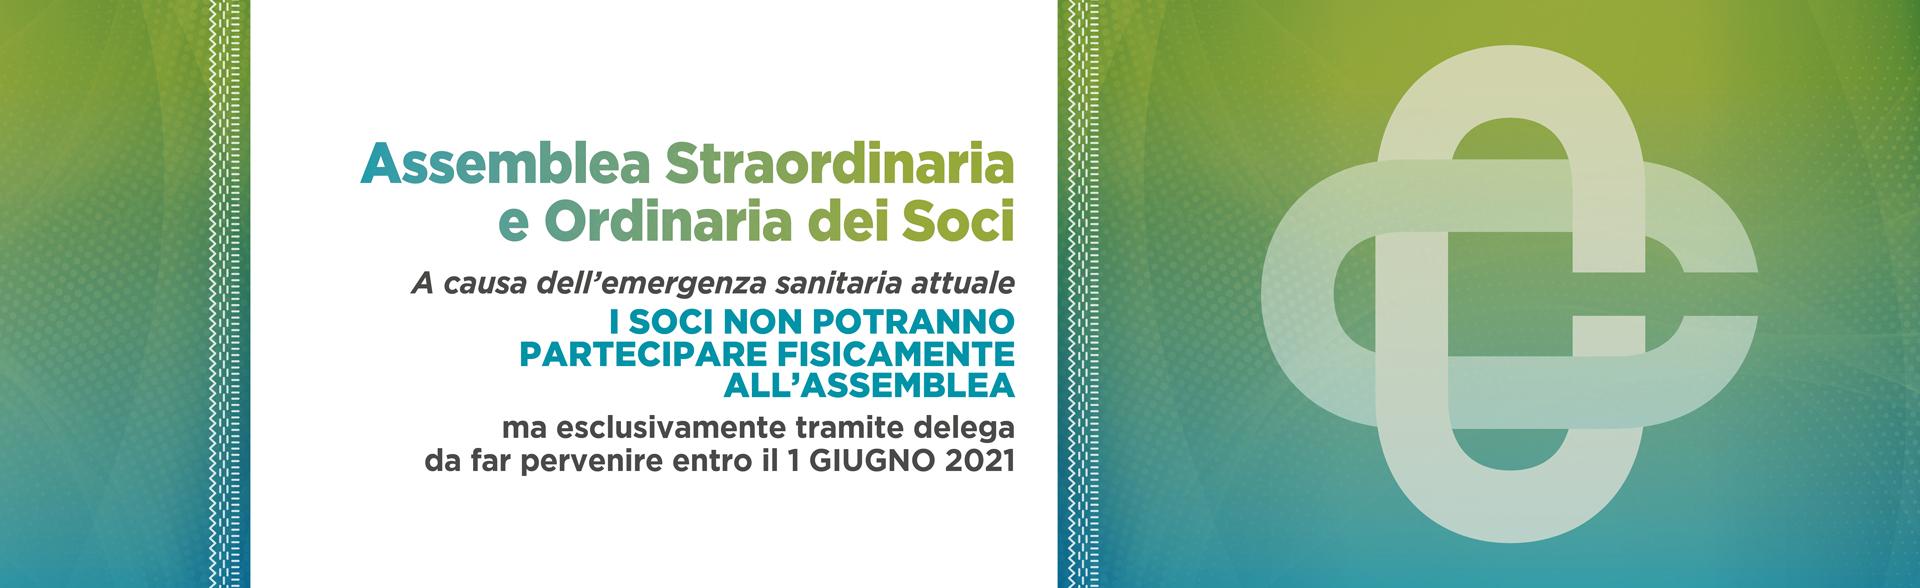 Banner Assemblea fusione 2021_800